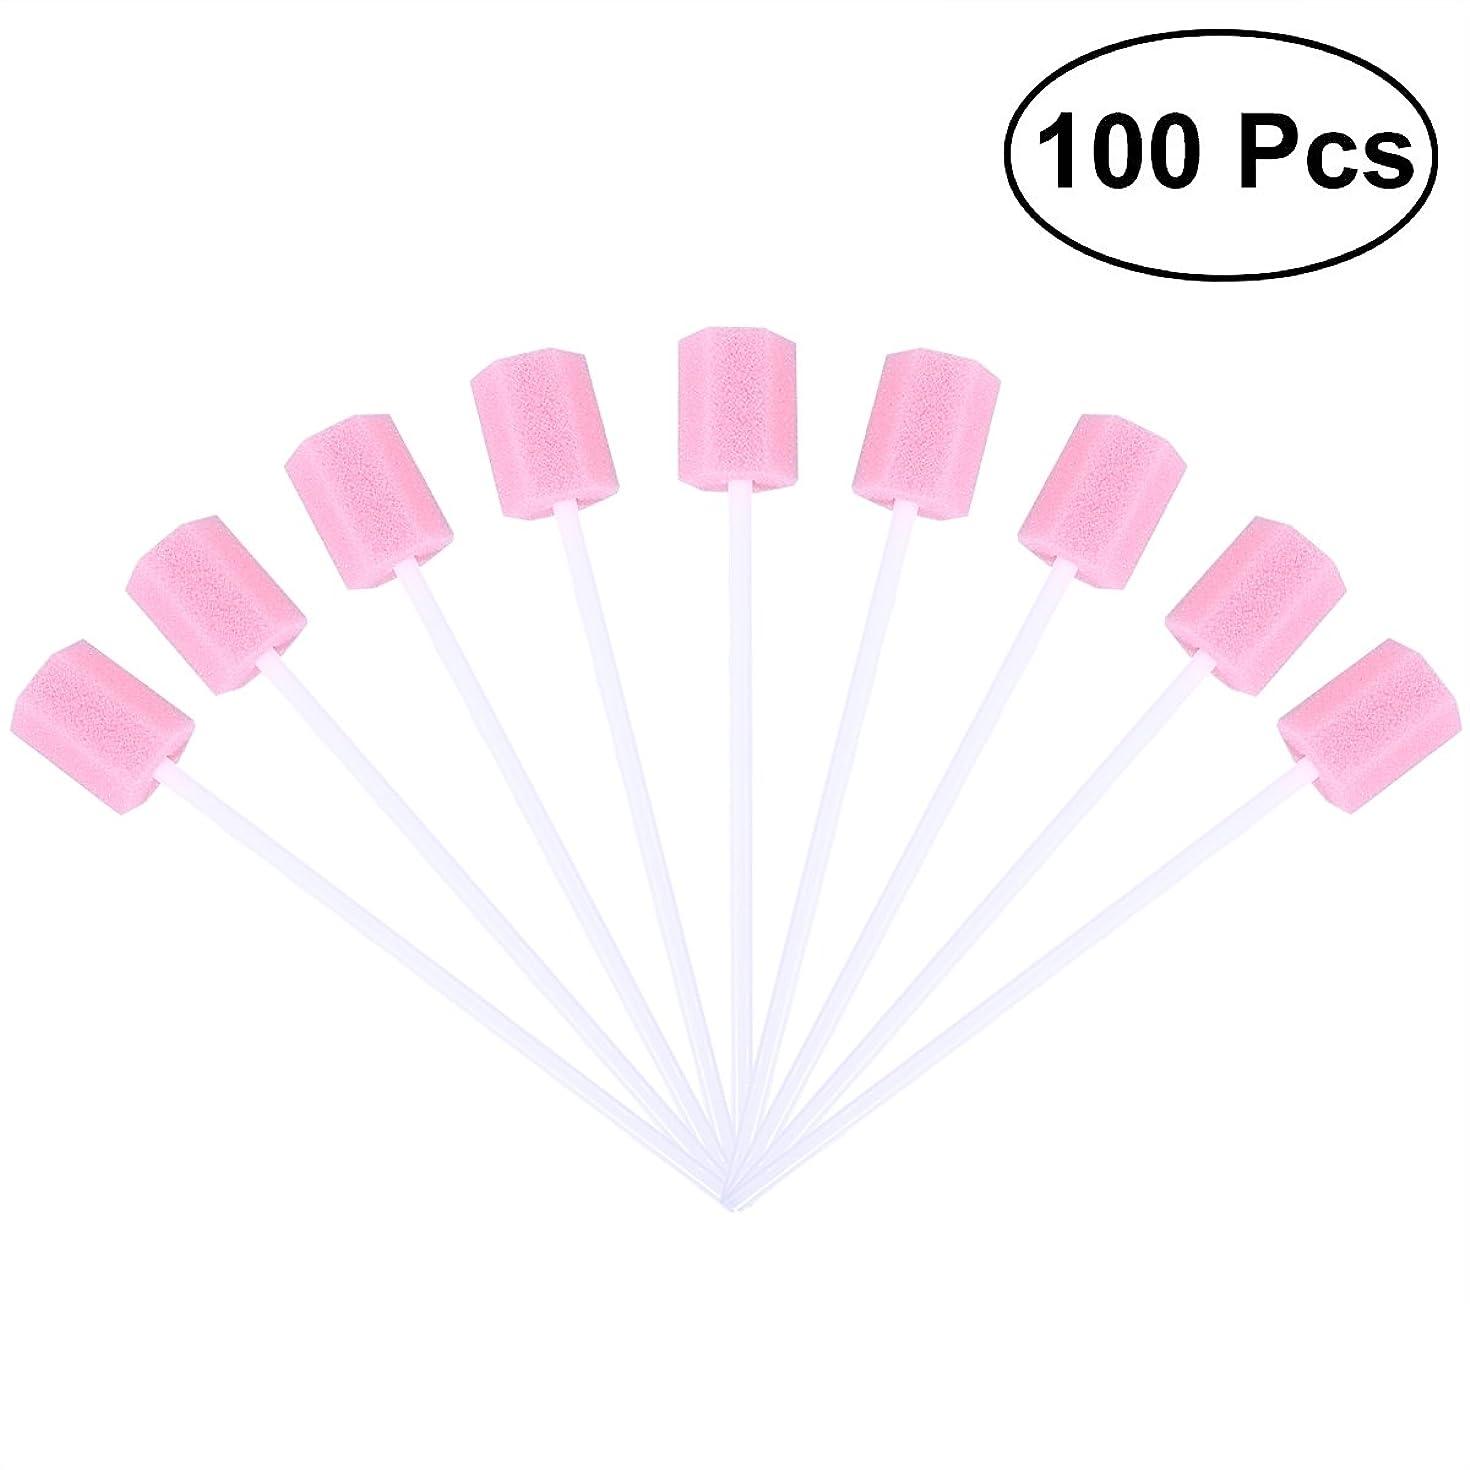 欠席計画徹底的にROSENICE 使い捨て口腔ケアスポンジスワブ歯口洗浄スワブ100個(ピンク)